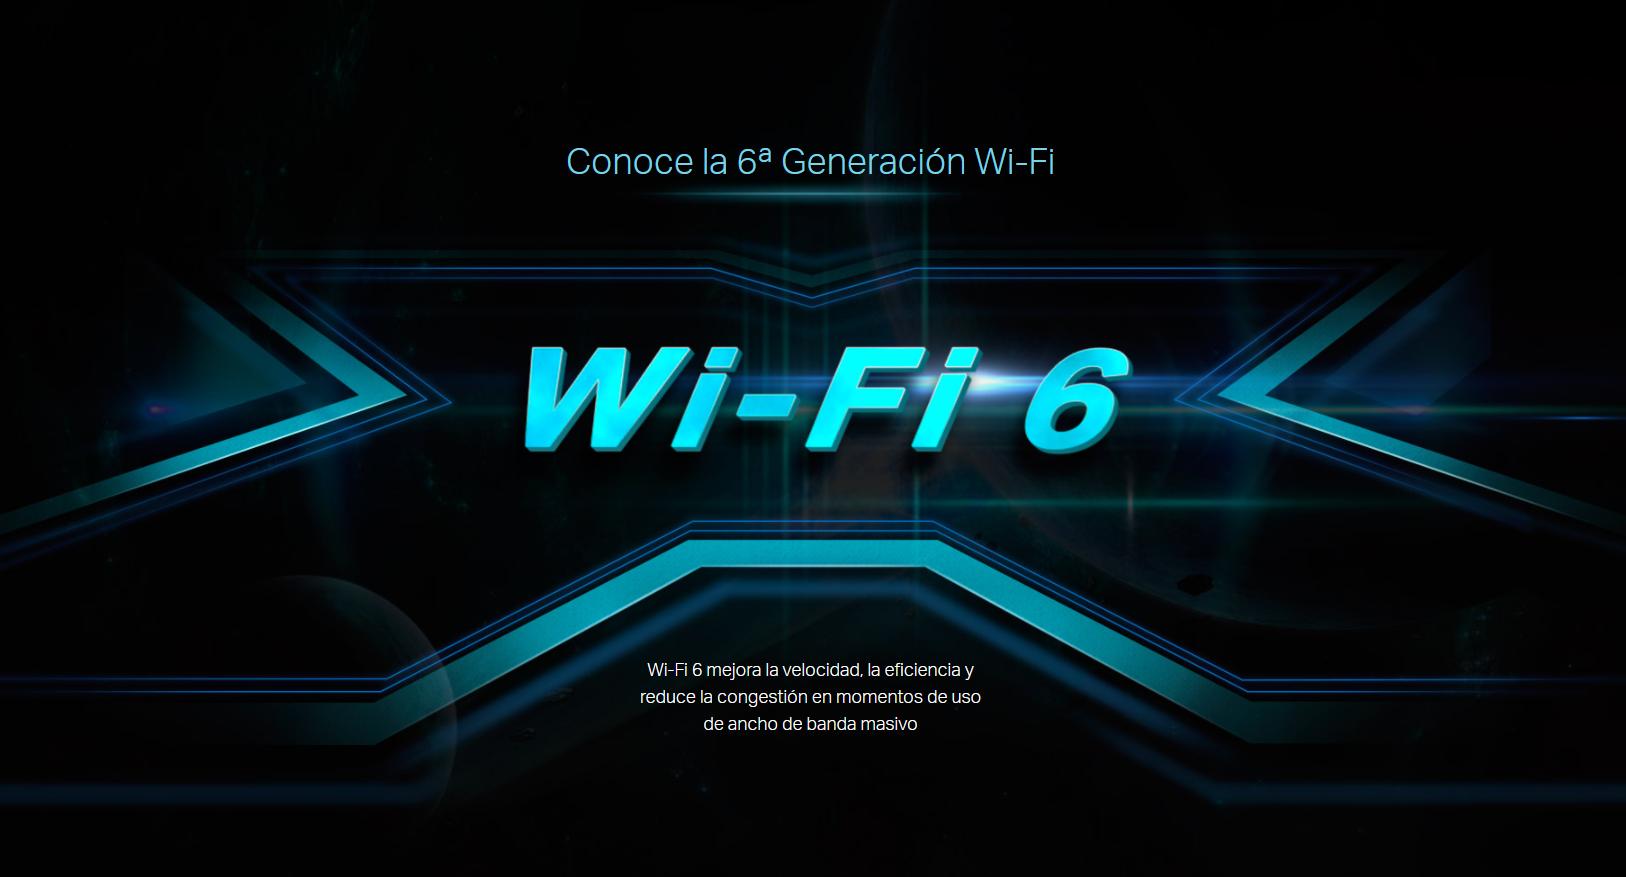 ¿Qué es el Wi-Fi 6?